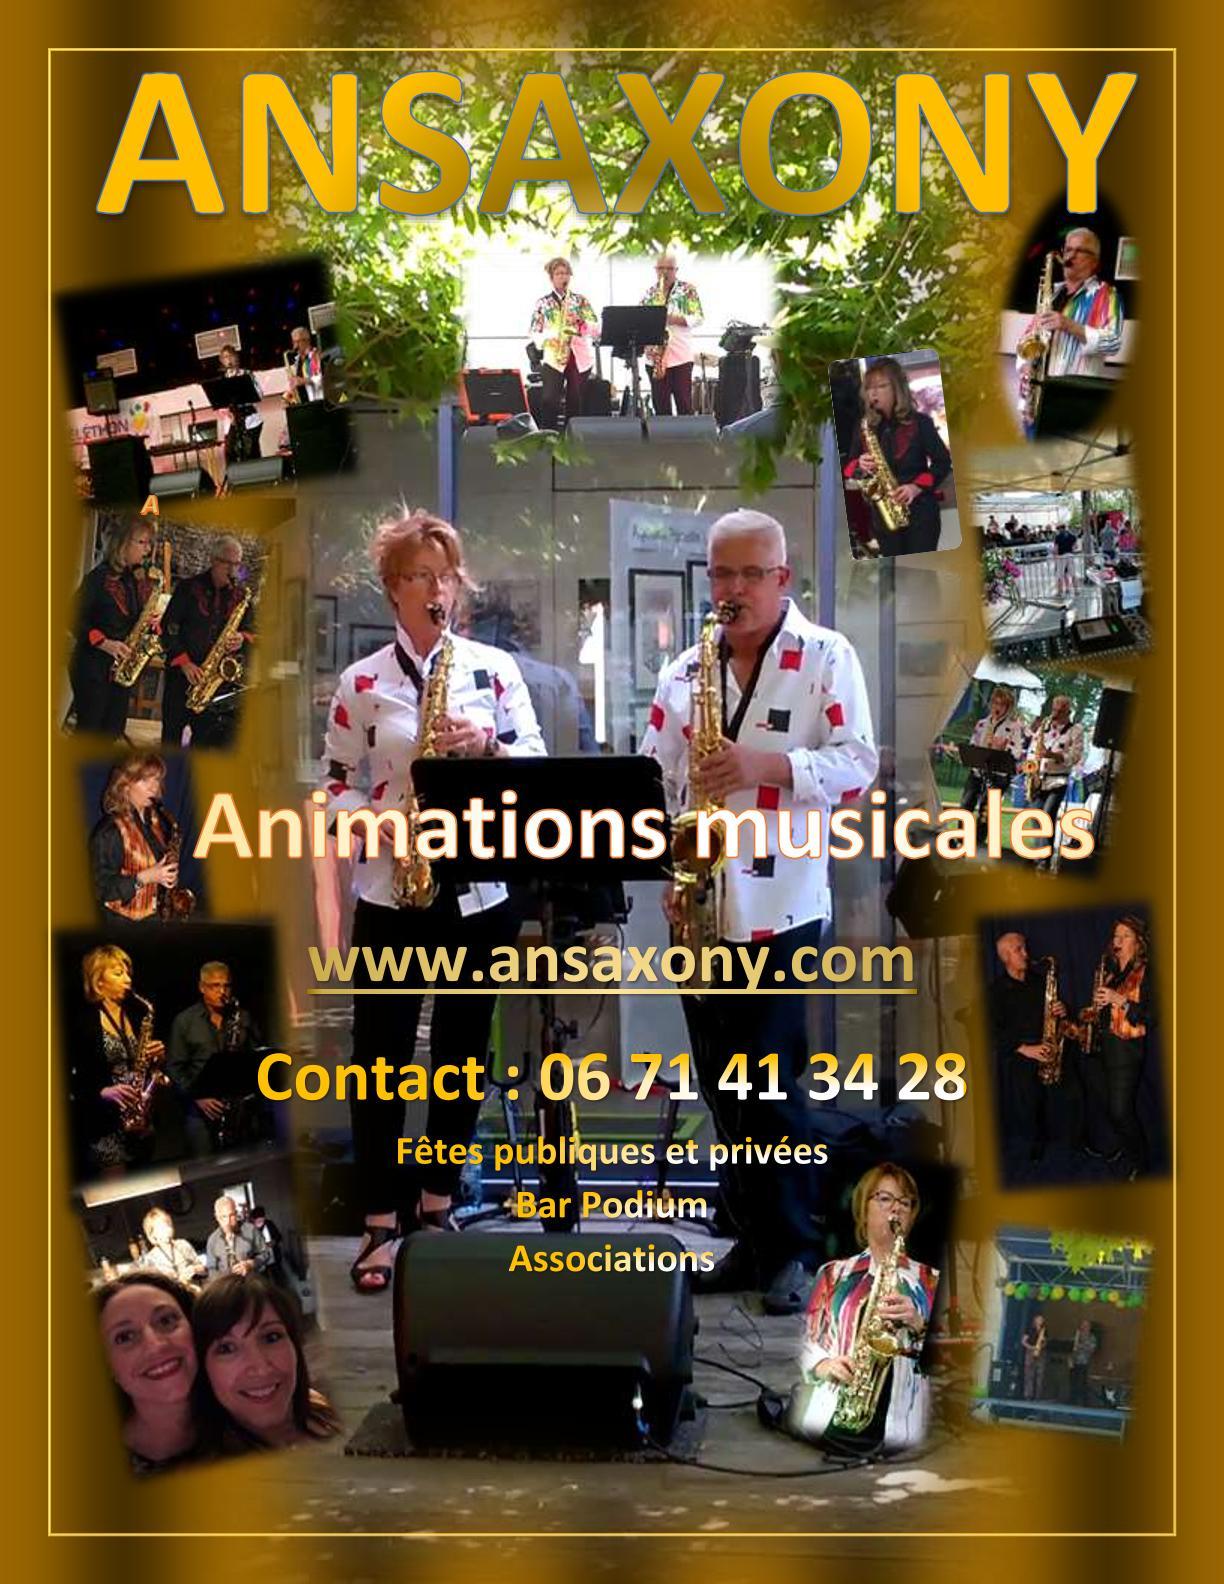 Image Ansaxony: des concerts gratuits aux associations et manifestations caritatives